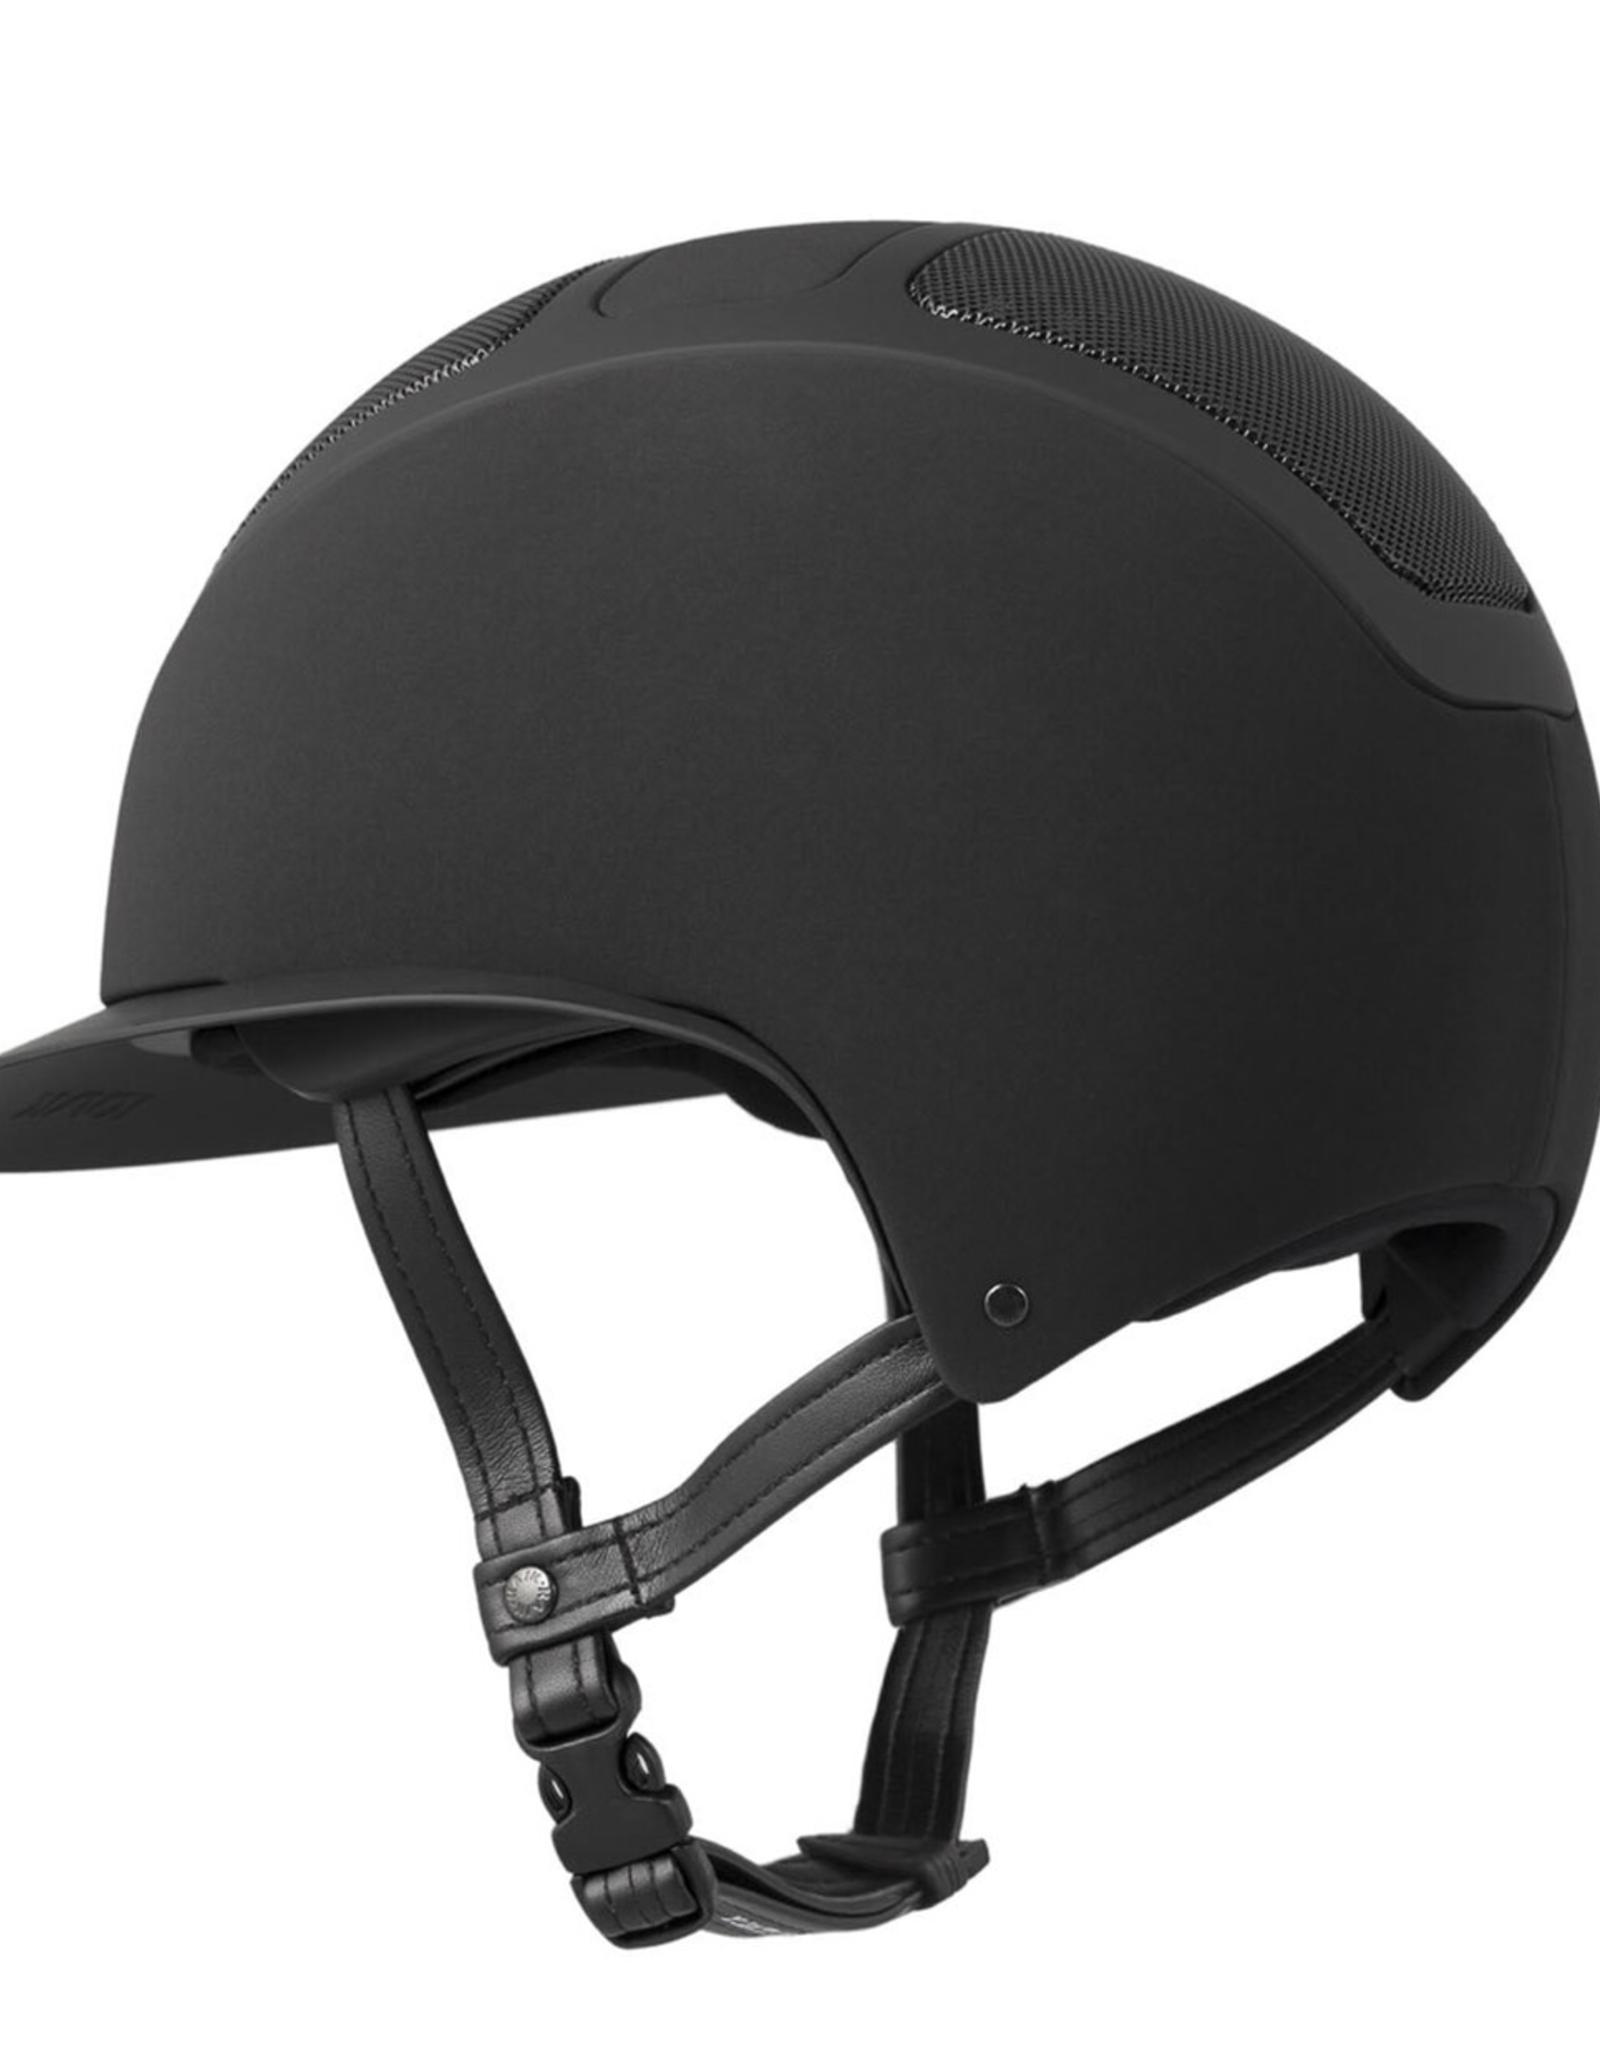 KASK Kask Dogma Star Lady Shadow Helmet